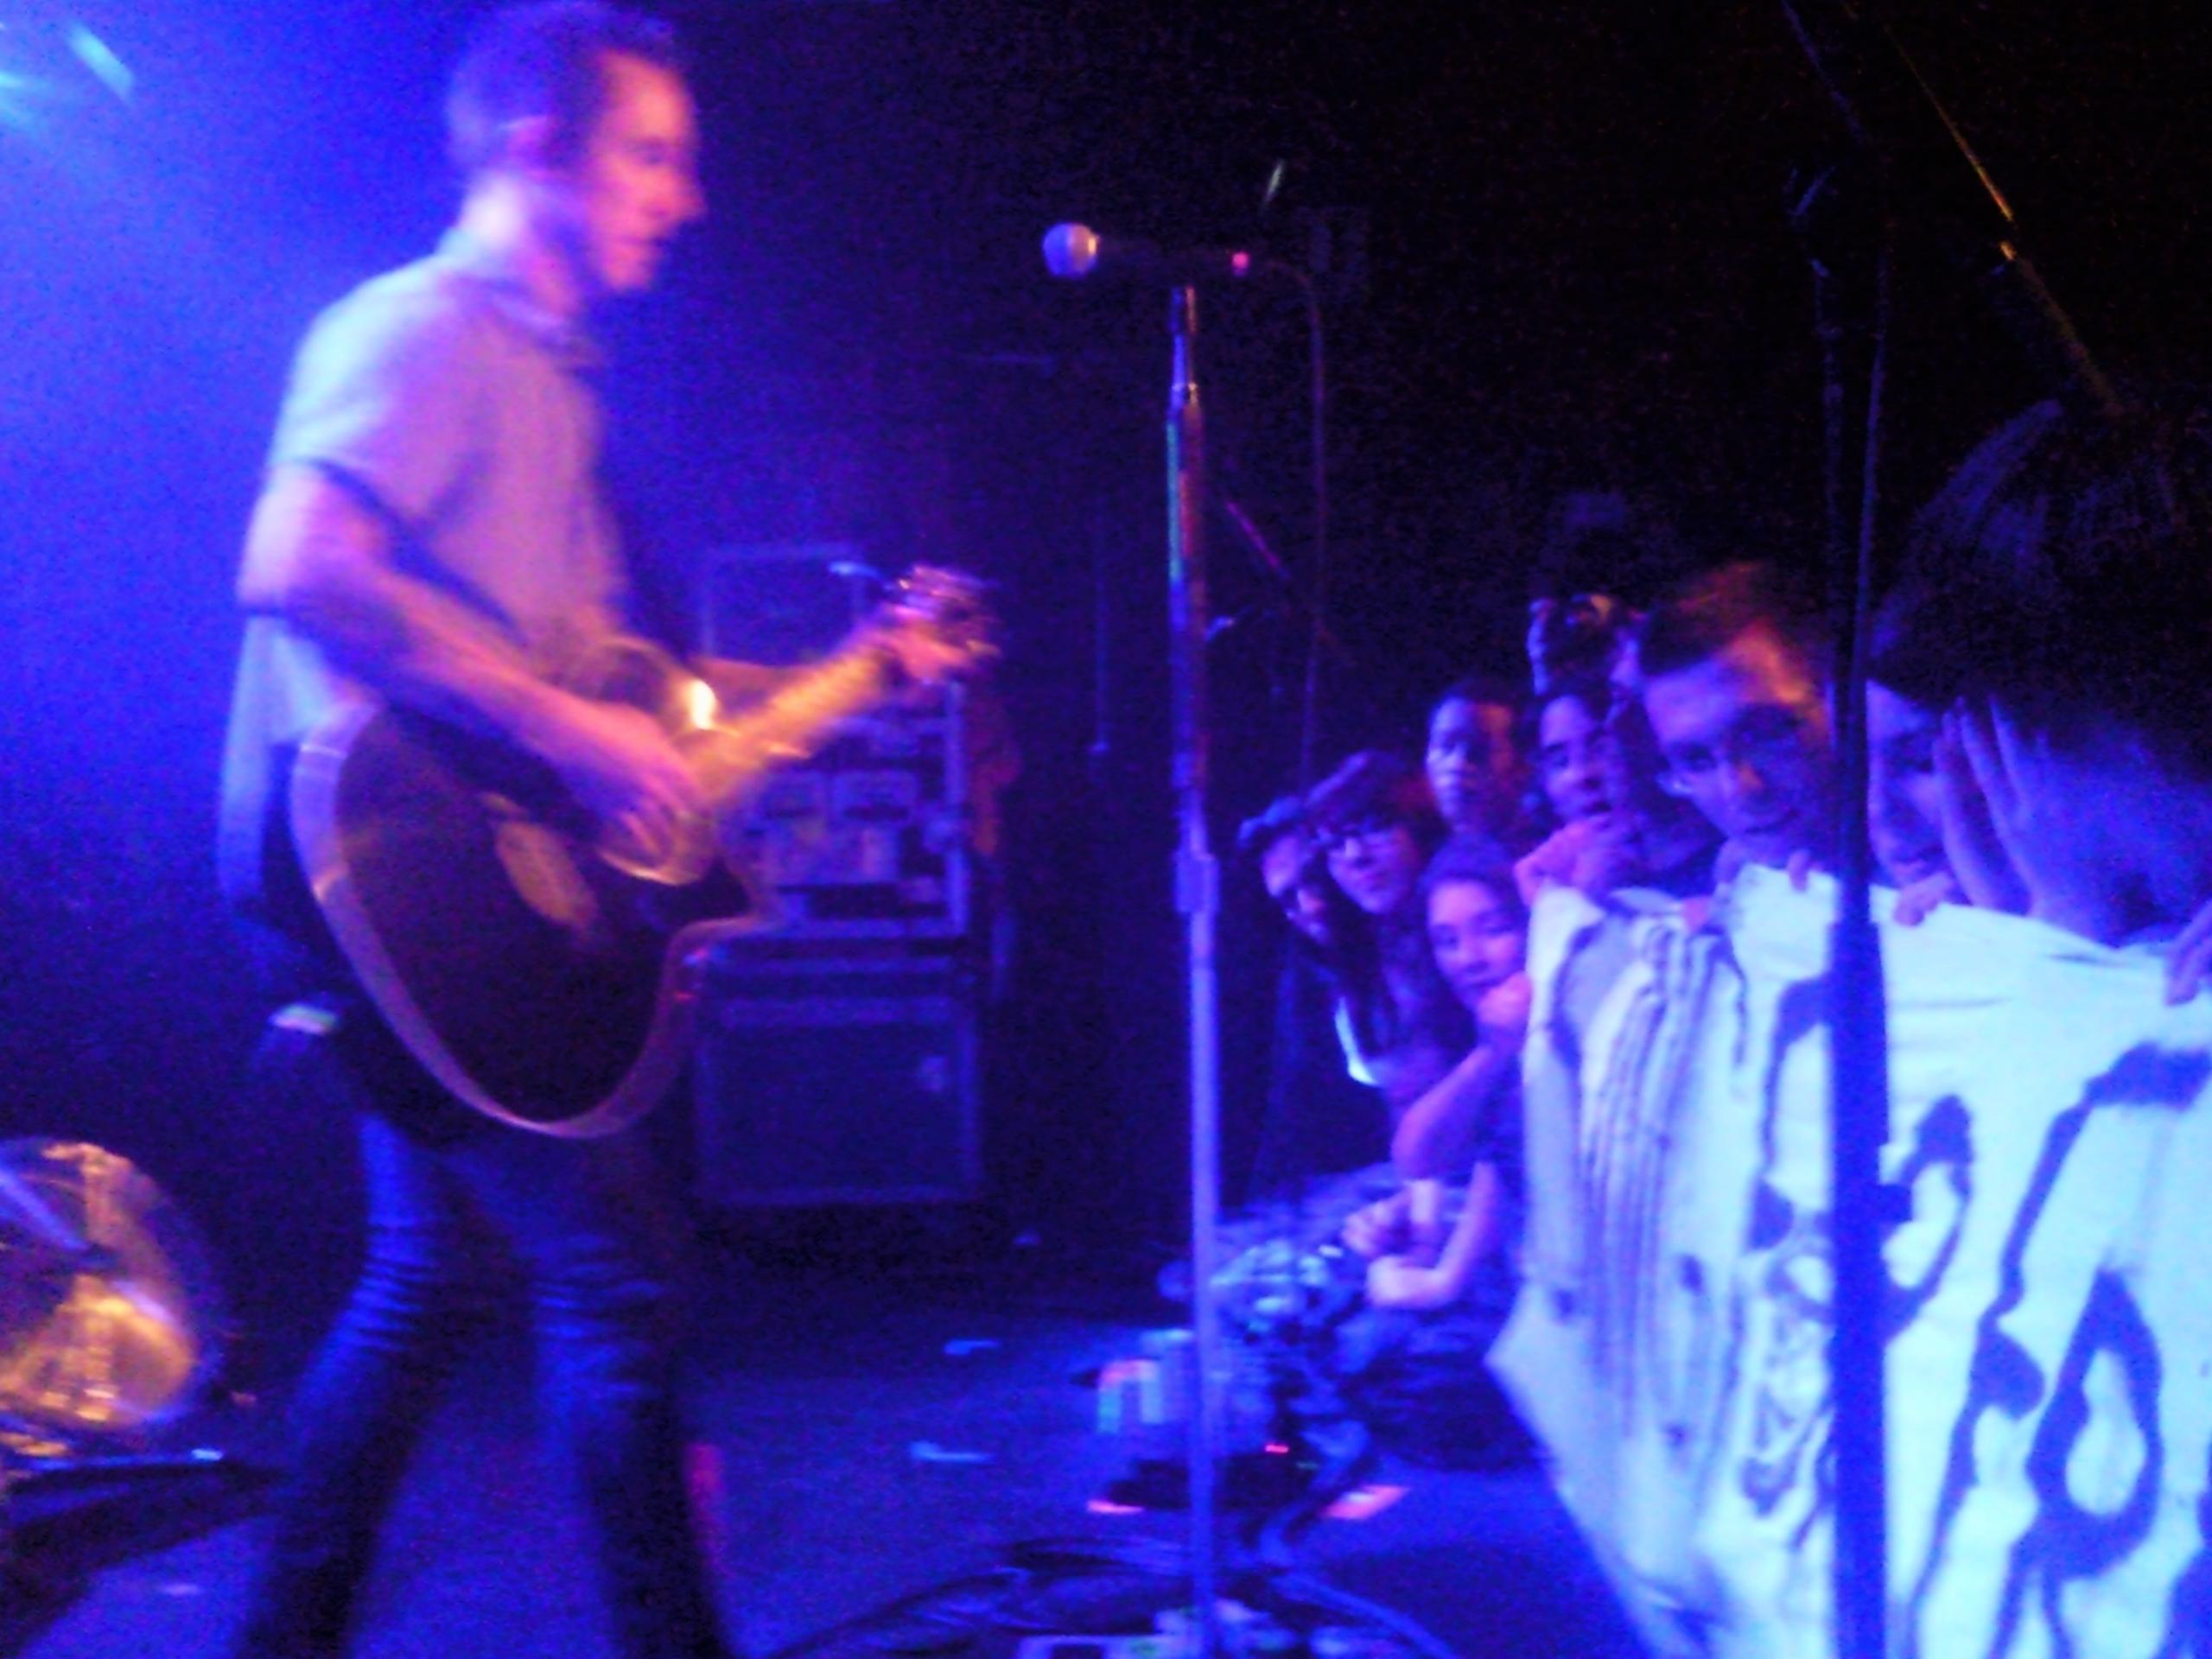 la maroquinerie - [Concert] Yellowcard - La Maroquinerie - 14 décembre photo0189